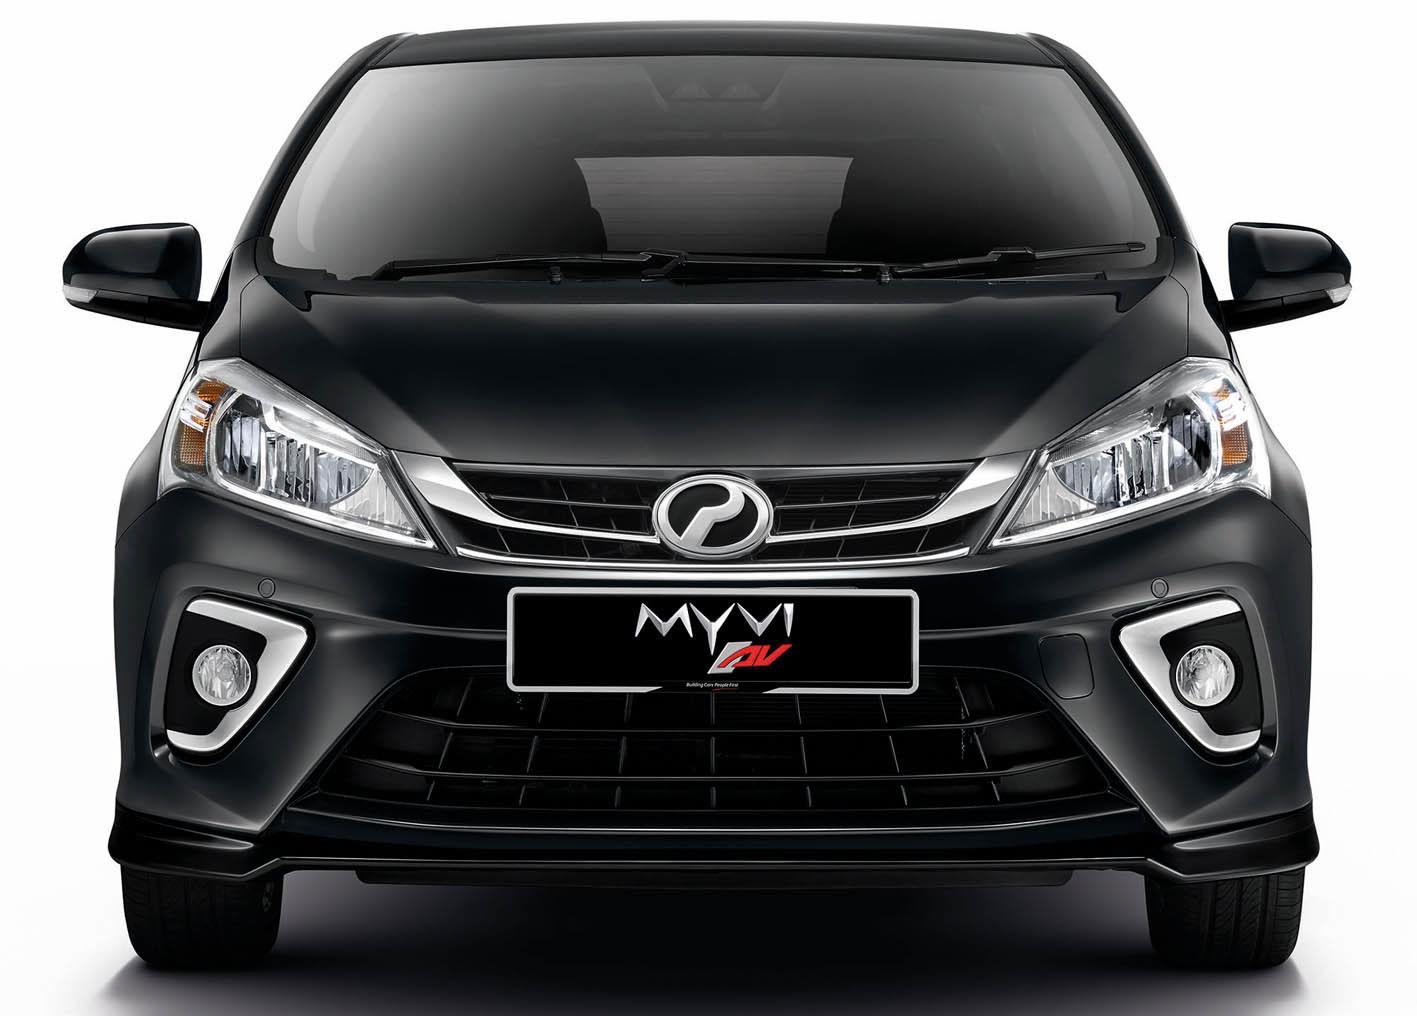 マレーシアを支える国民車 ダイハツ新型「マイヴィ」がカッコいい